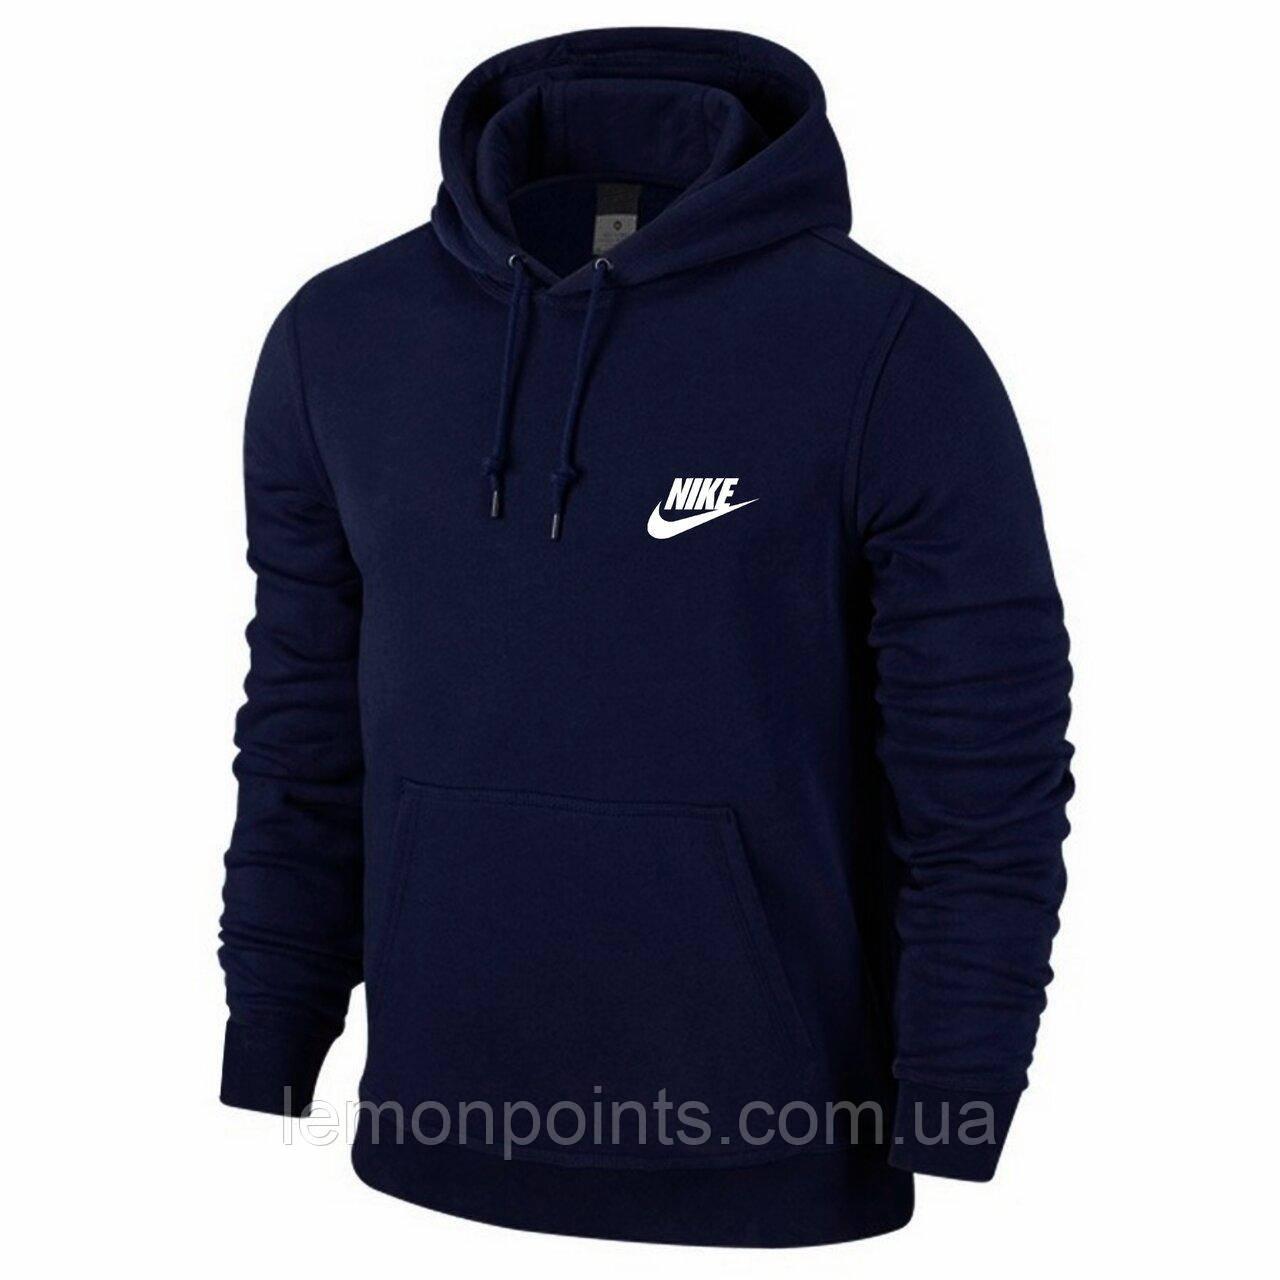 Теплая мужская спортивная толстовка, худи, кенгурушка Nike (Найк) синяя (ФЛИС)